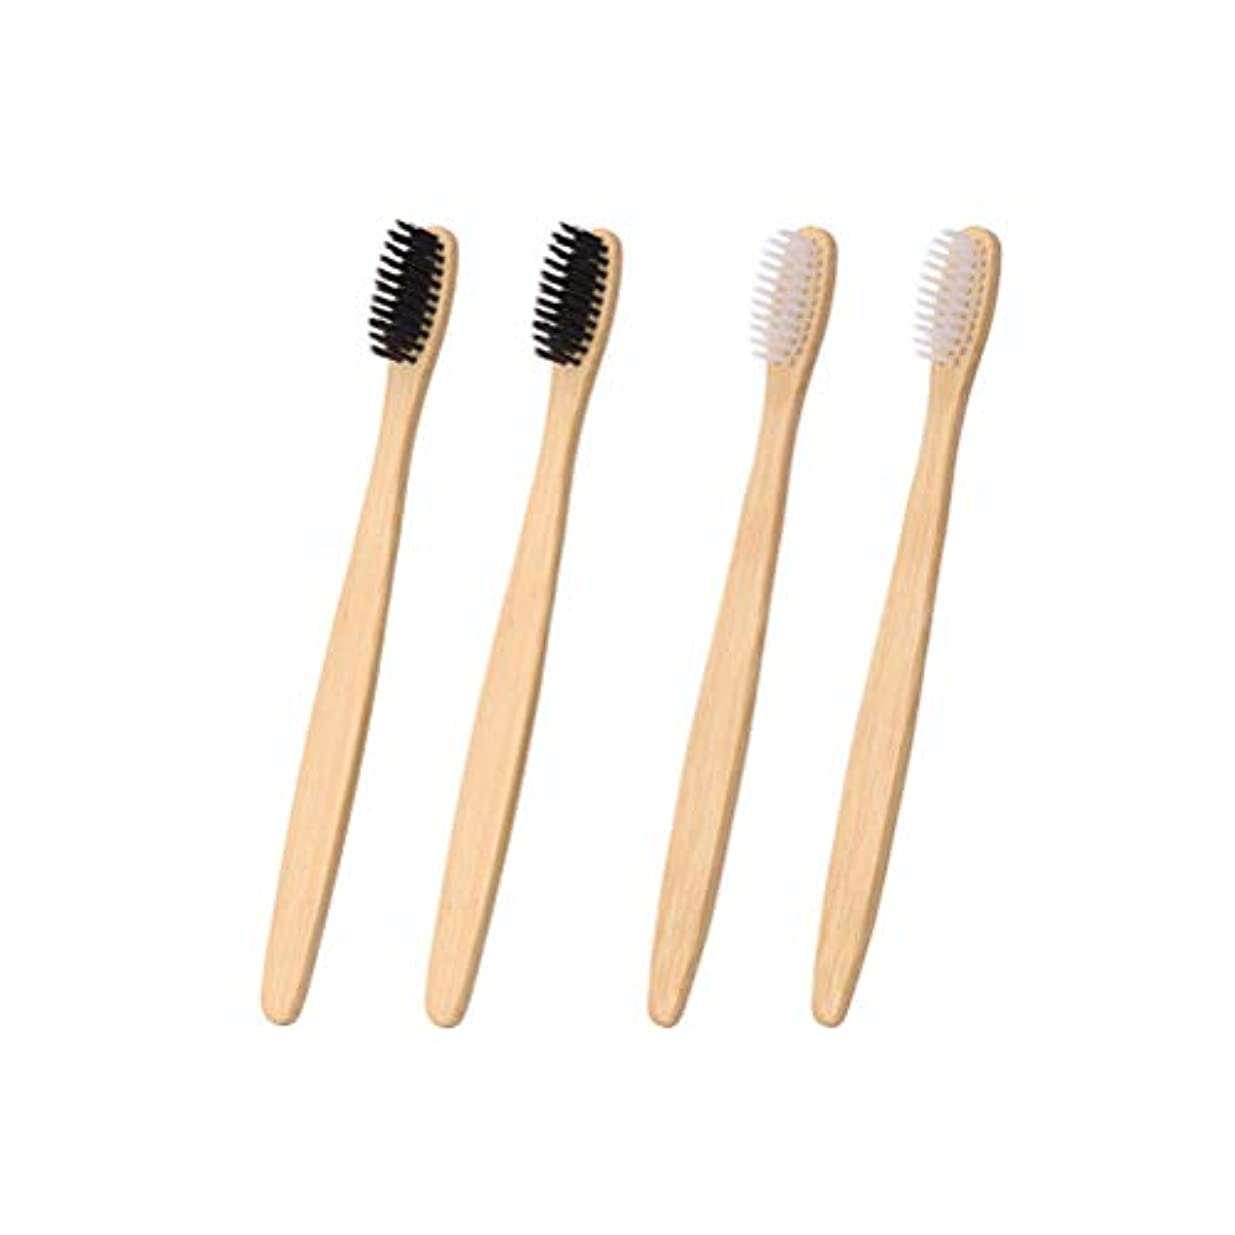 採用信頼性のある腹部SUPVOX 4本使い捨て竹生分解性歯ブラシエコフレンドリー歯ブラシ(白黒各2本)